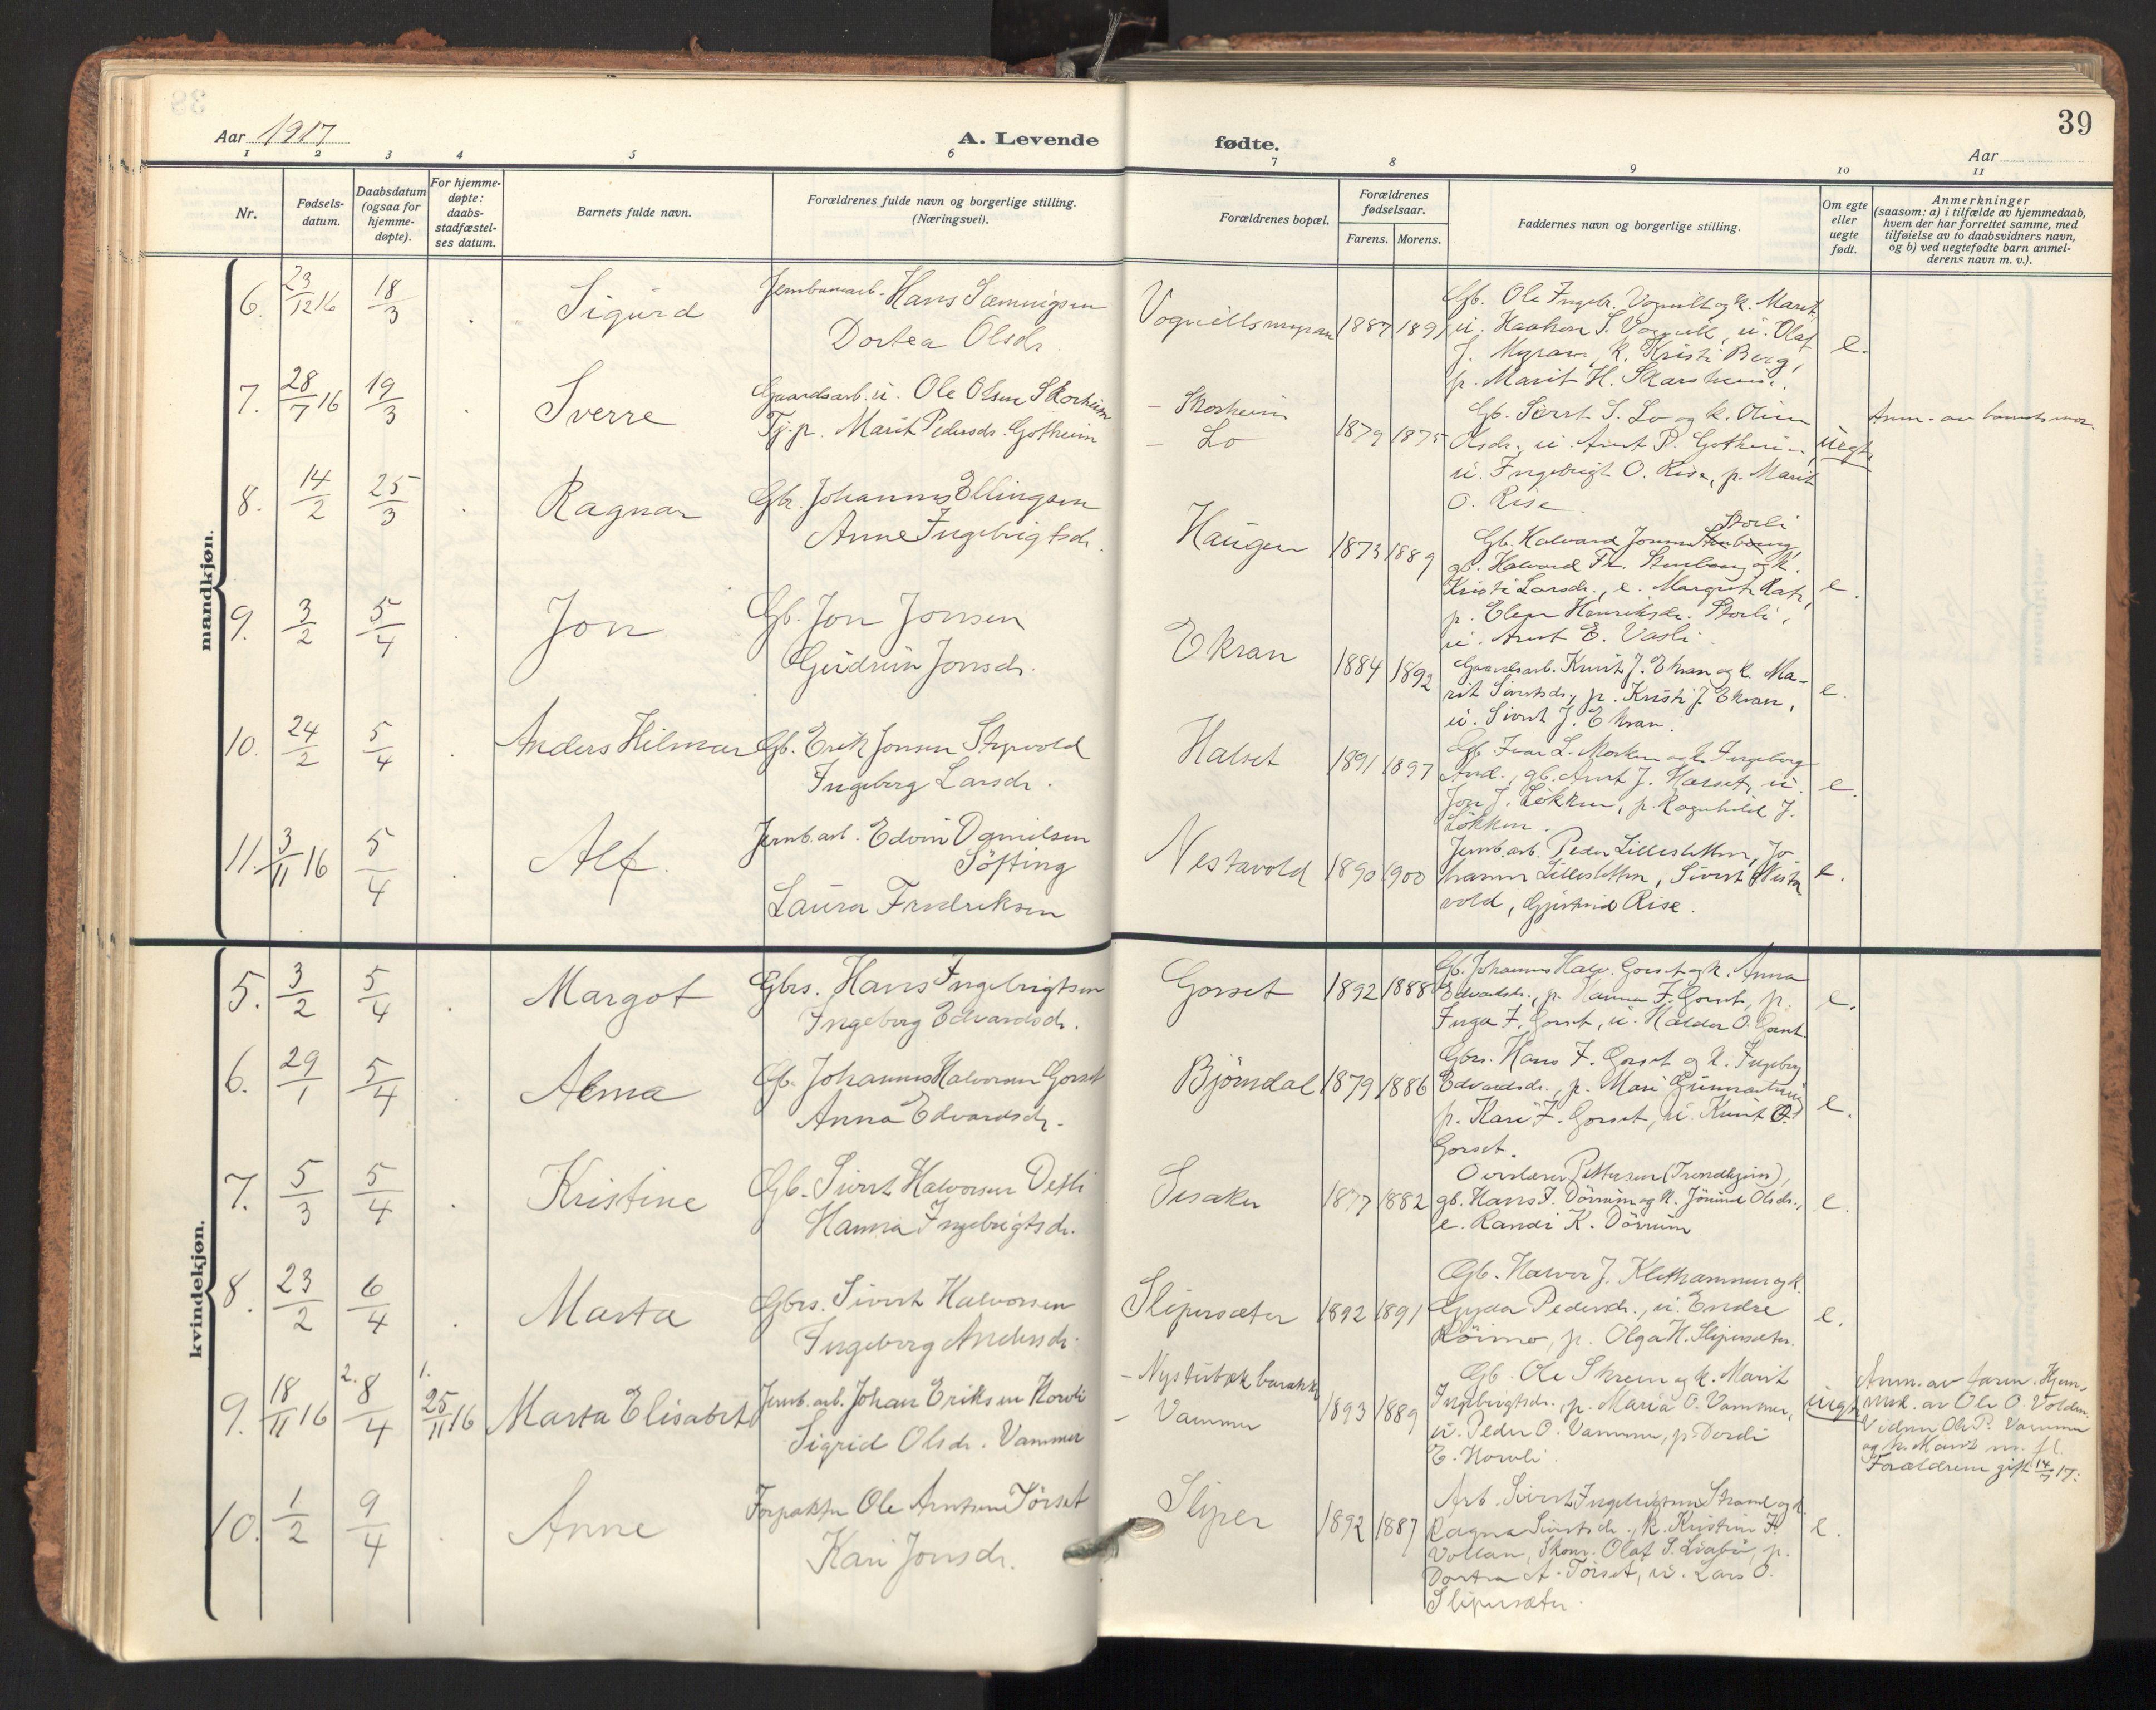 SAT, Ministerialprotokoller, klokkerbøker og fødselsregistre - Sør-Trøndelag, 678/L0909: Ministerialbok nr. 678A17, 1912-1930, s. 39